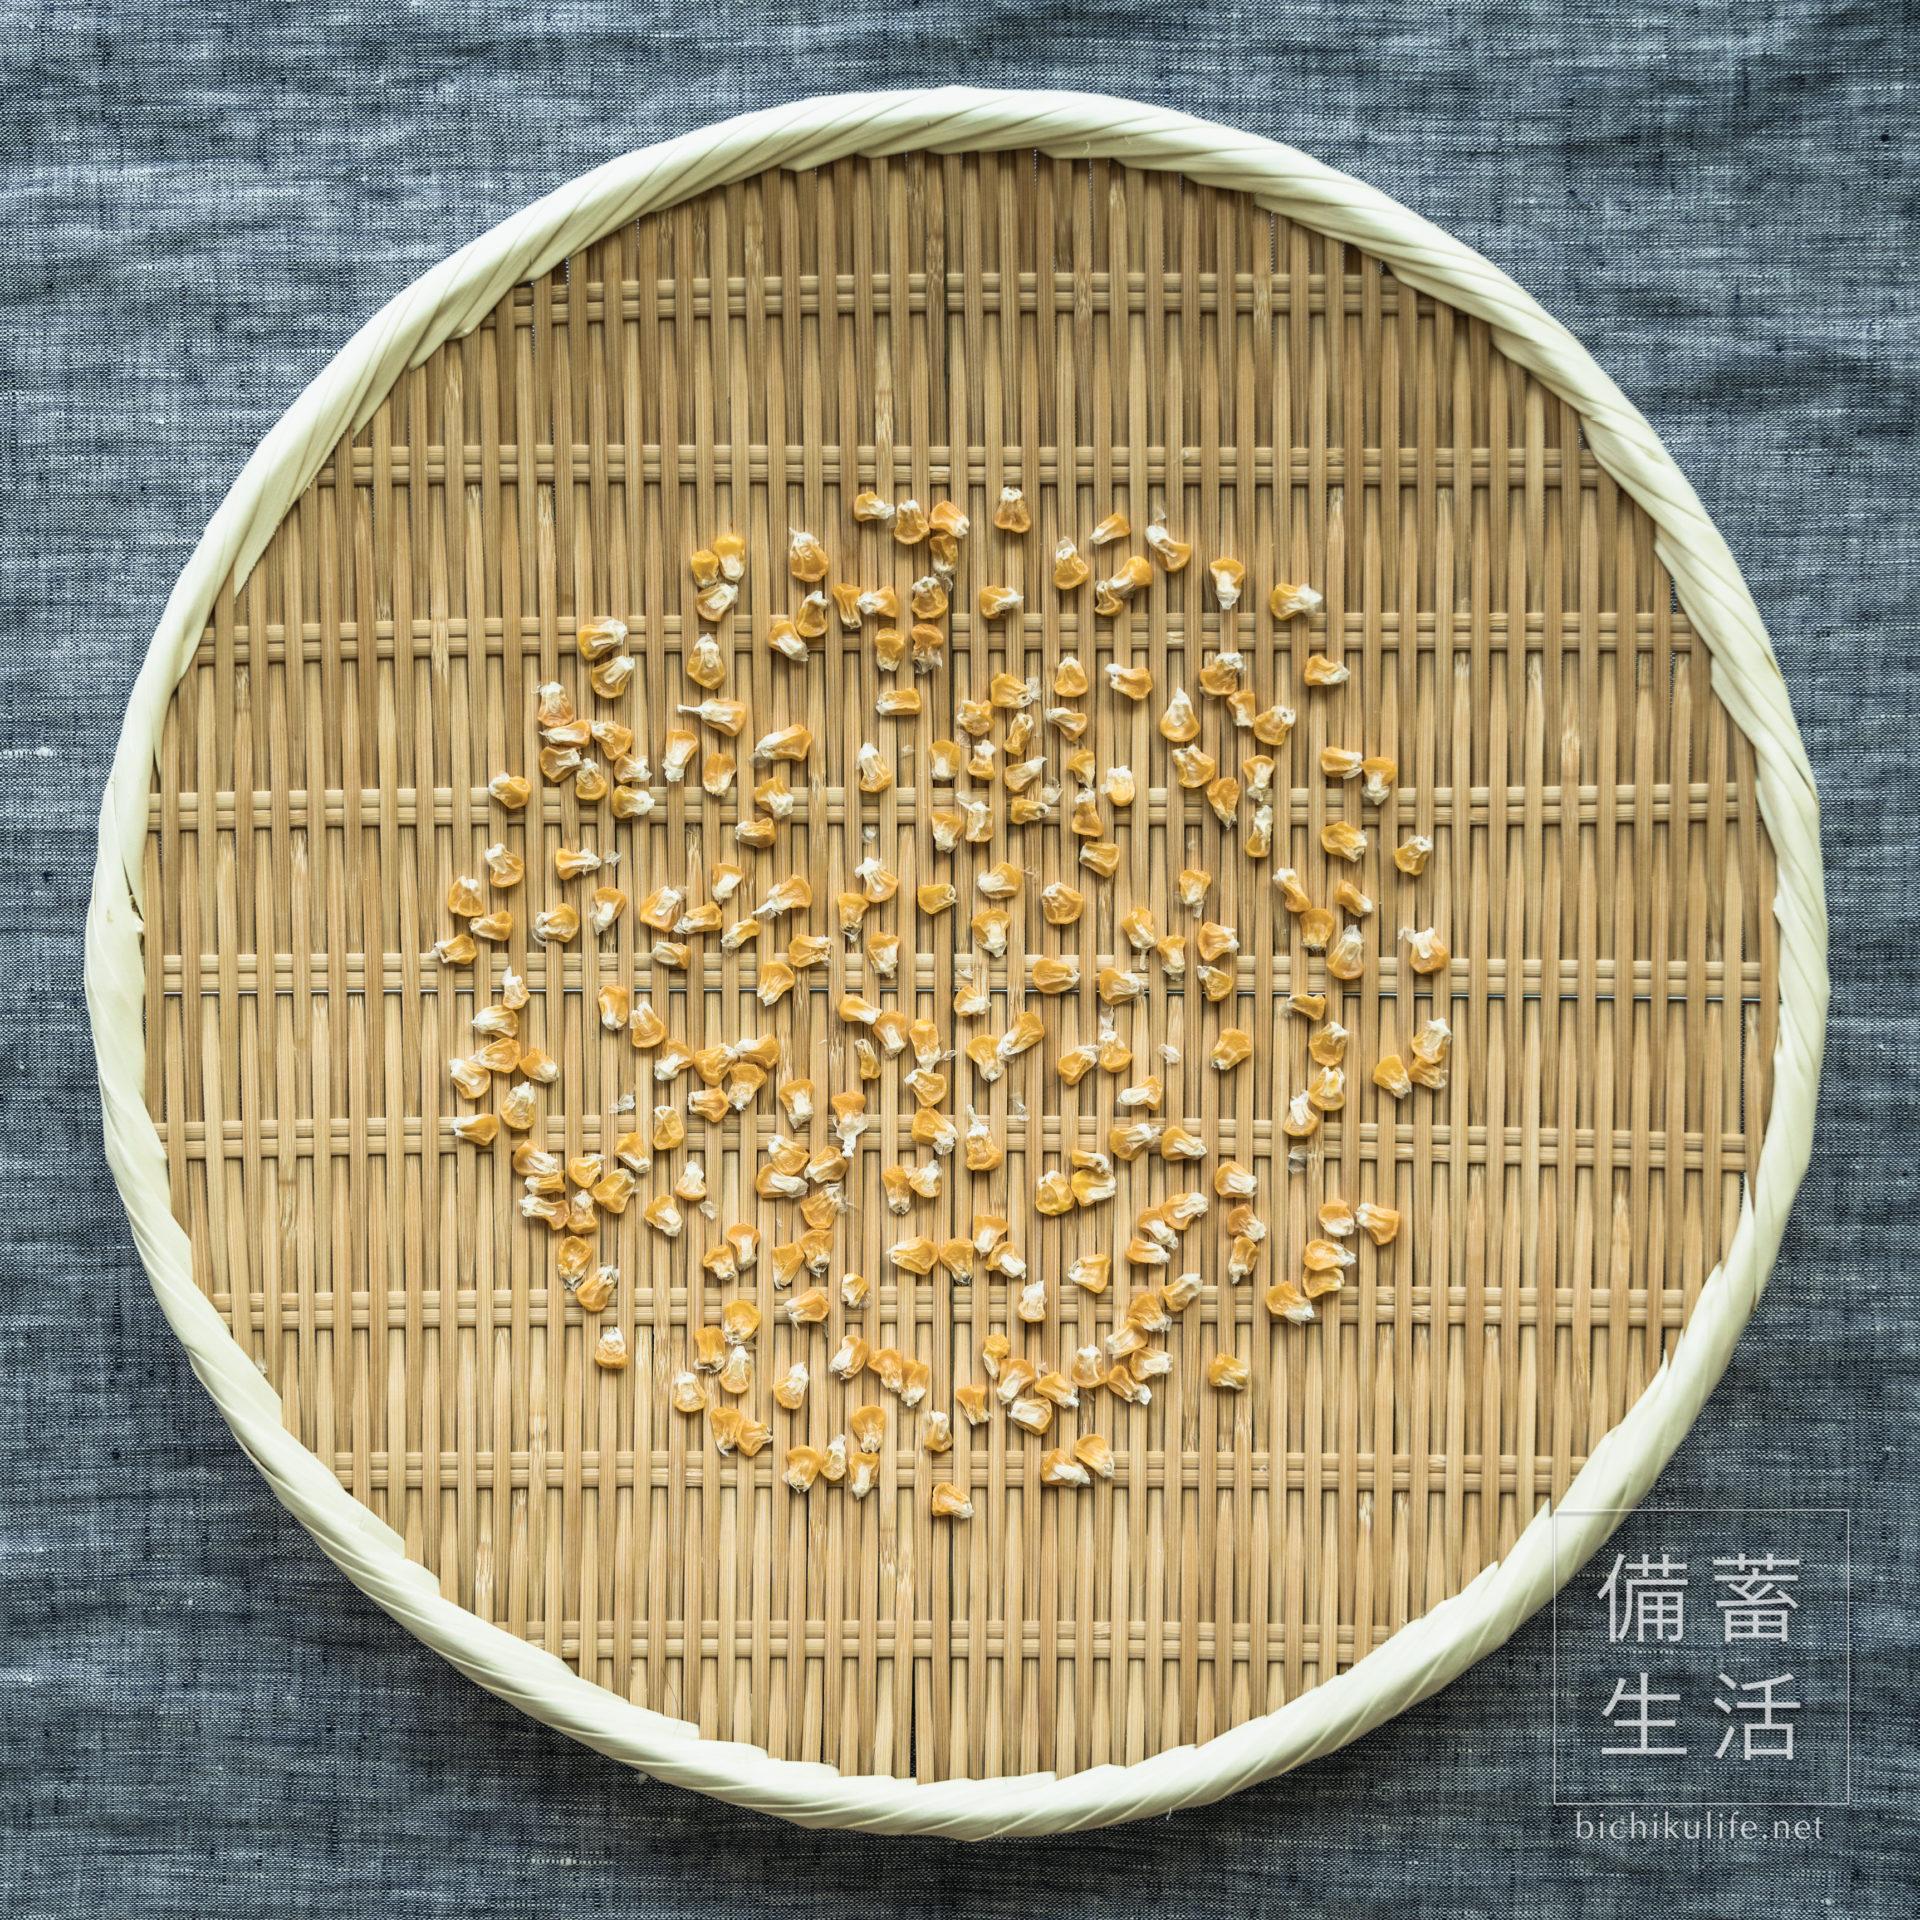 とうもろこし 干し野菜づくり|干しトウモロコシの作り方